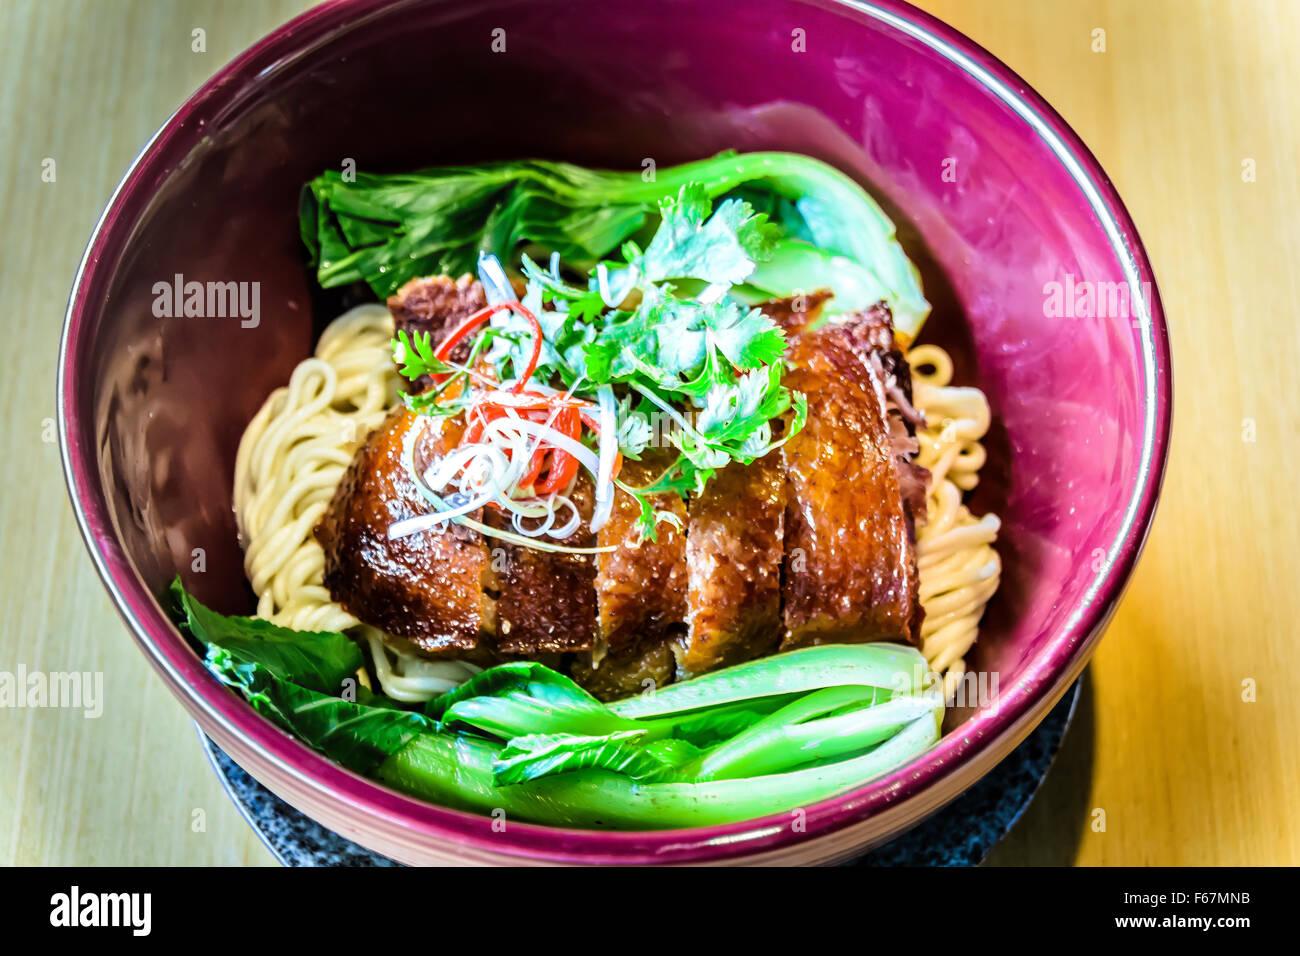 Bistro Restaurant Stockfotos & Bistro Restaurant Bilder - Alamy